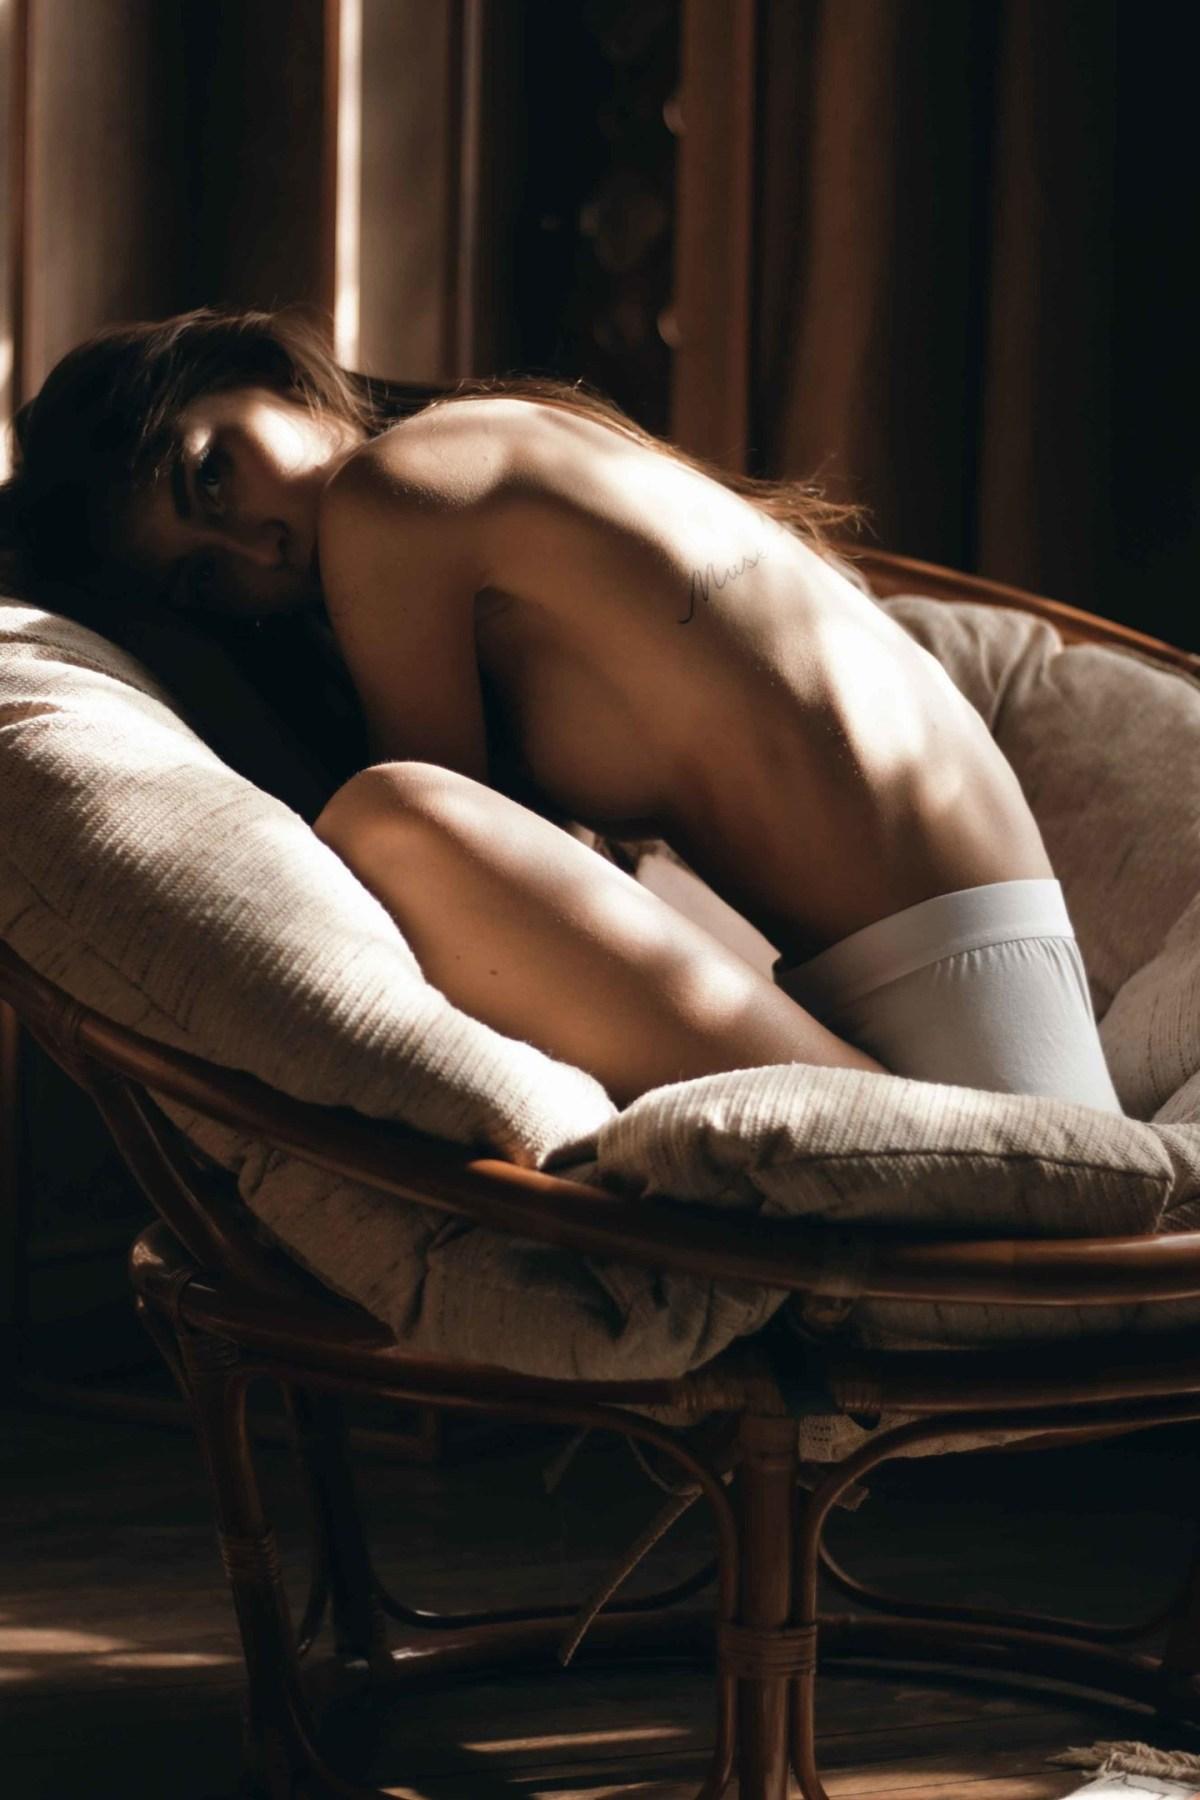 Radmila by Anastasiya Veter